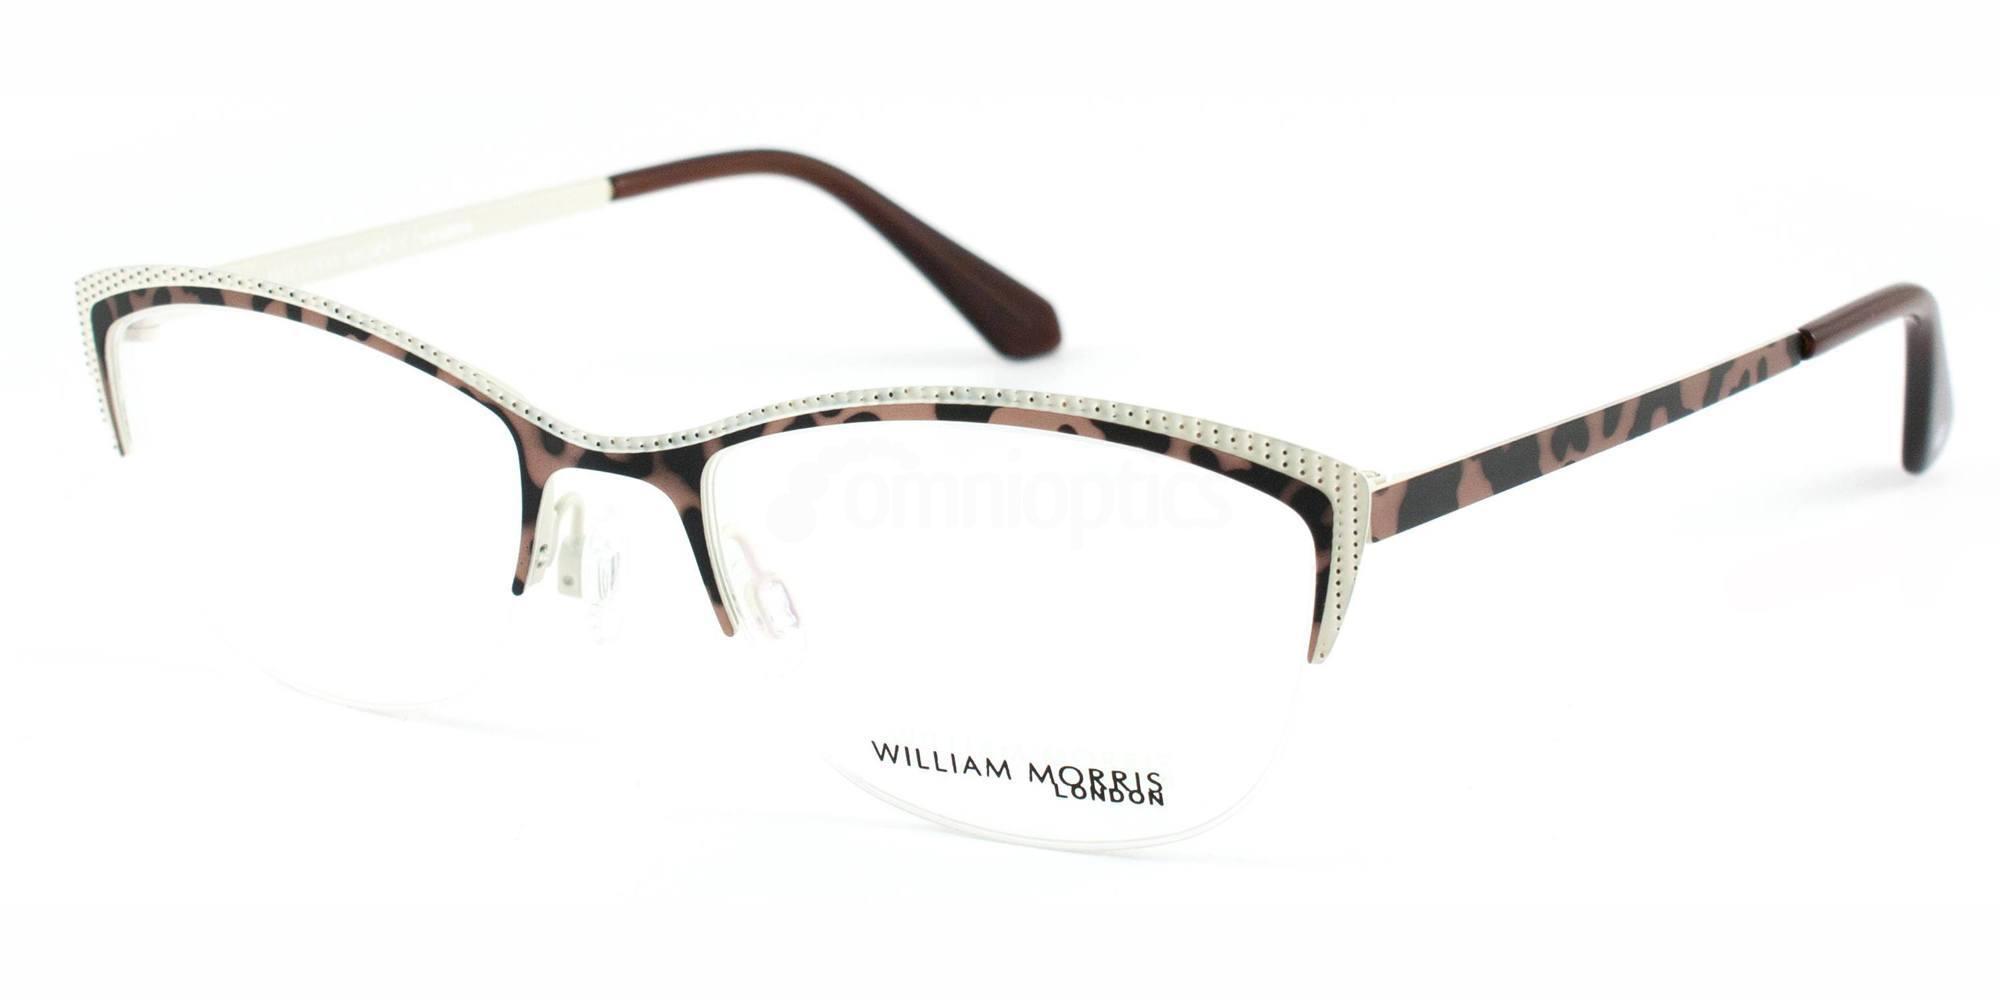 C1 WL4136 , William Morris London